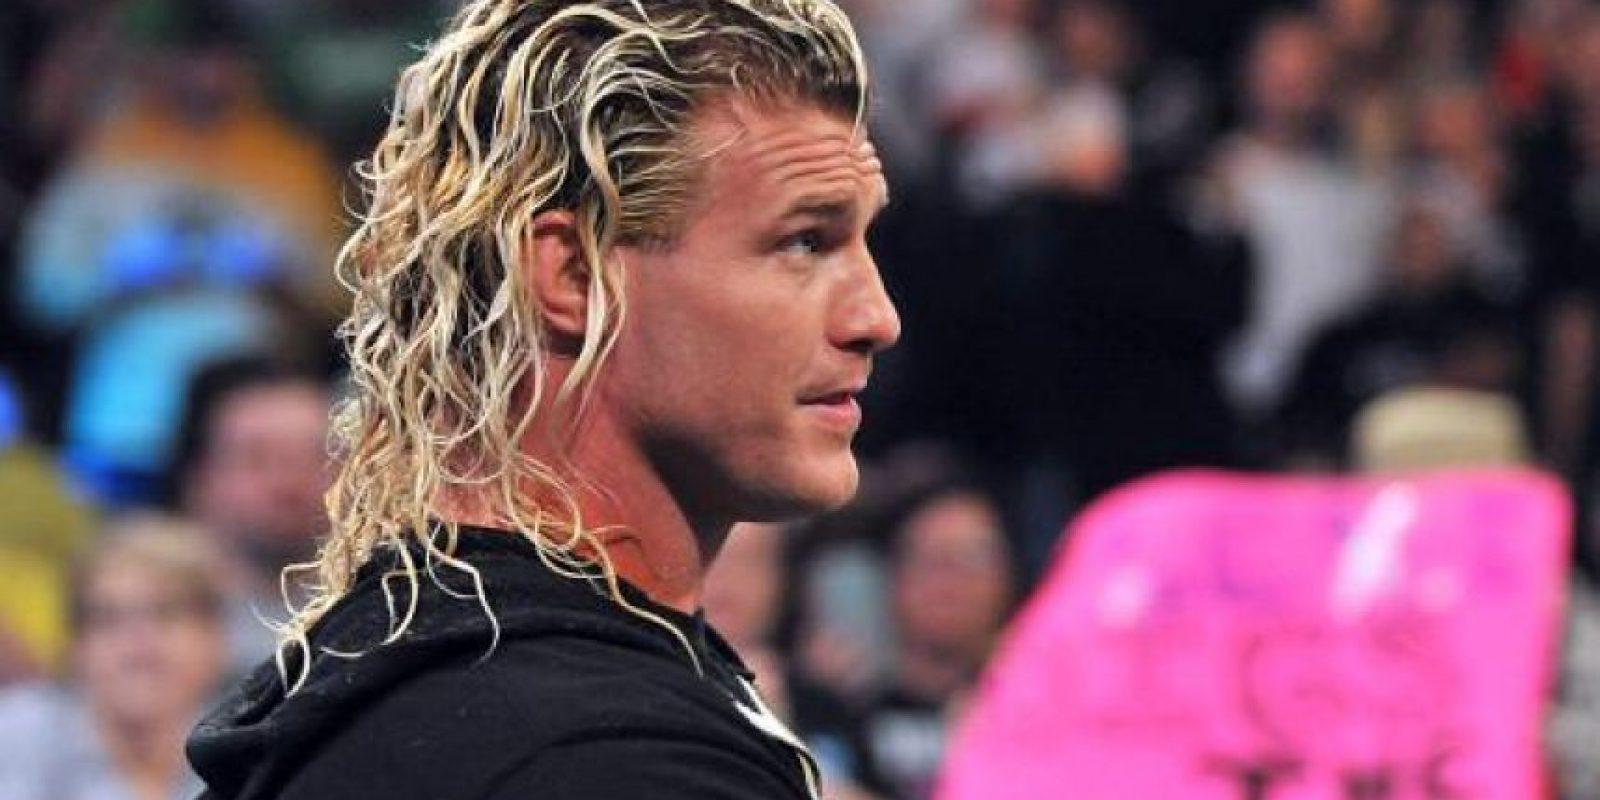 Dolph Ziggler es el actual campeón Intercontinental Foto:WWE